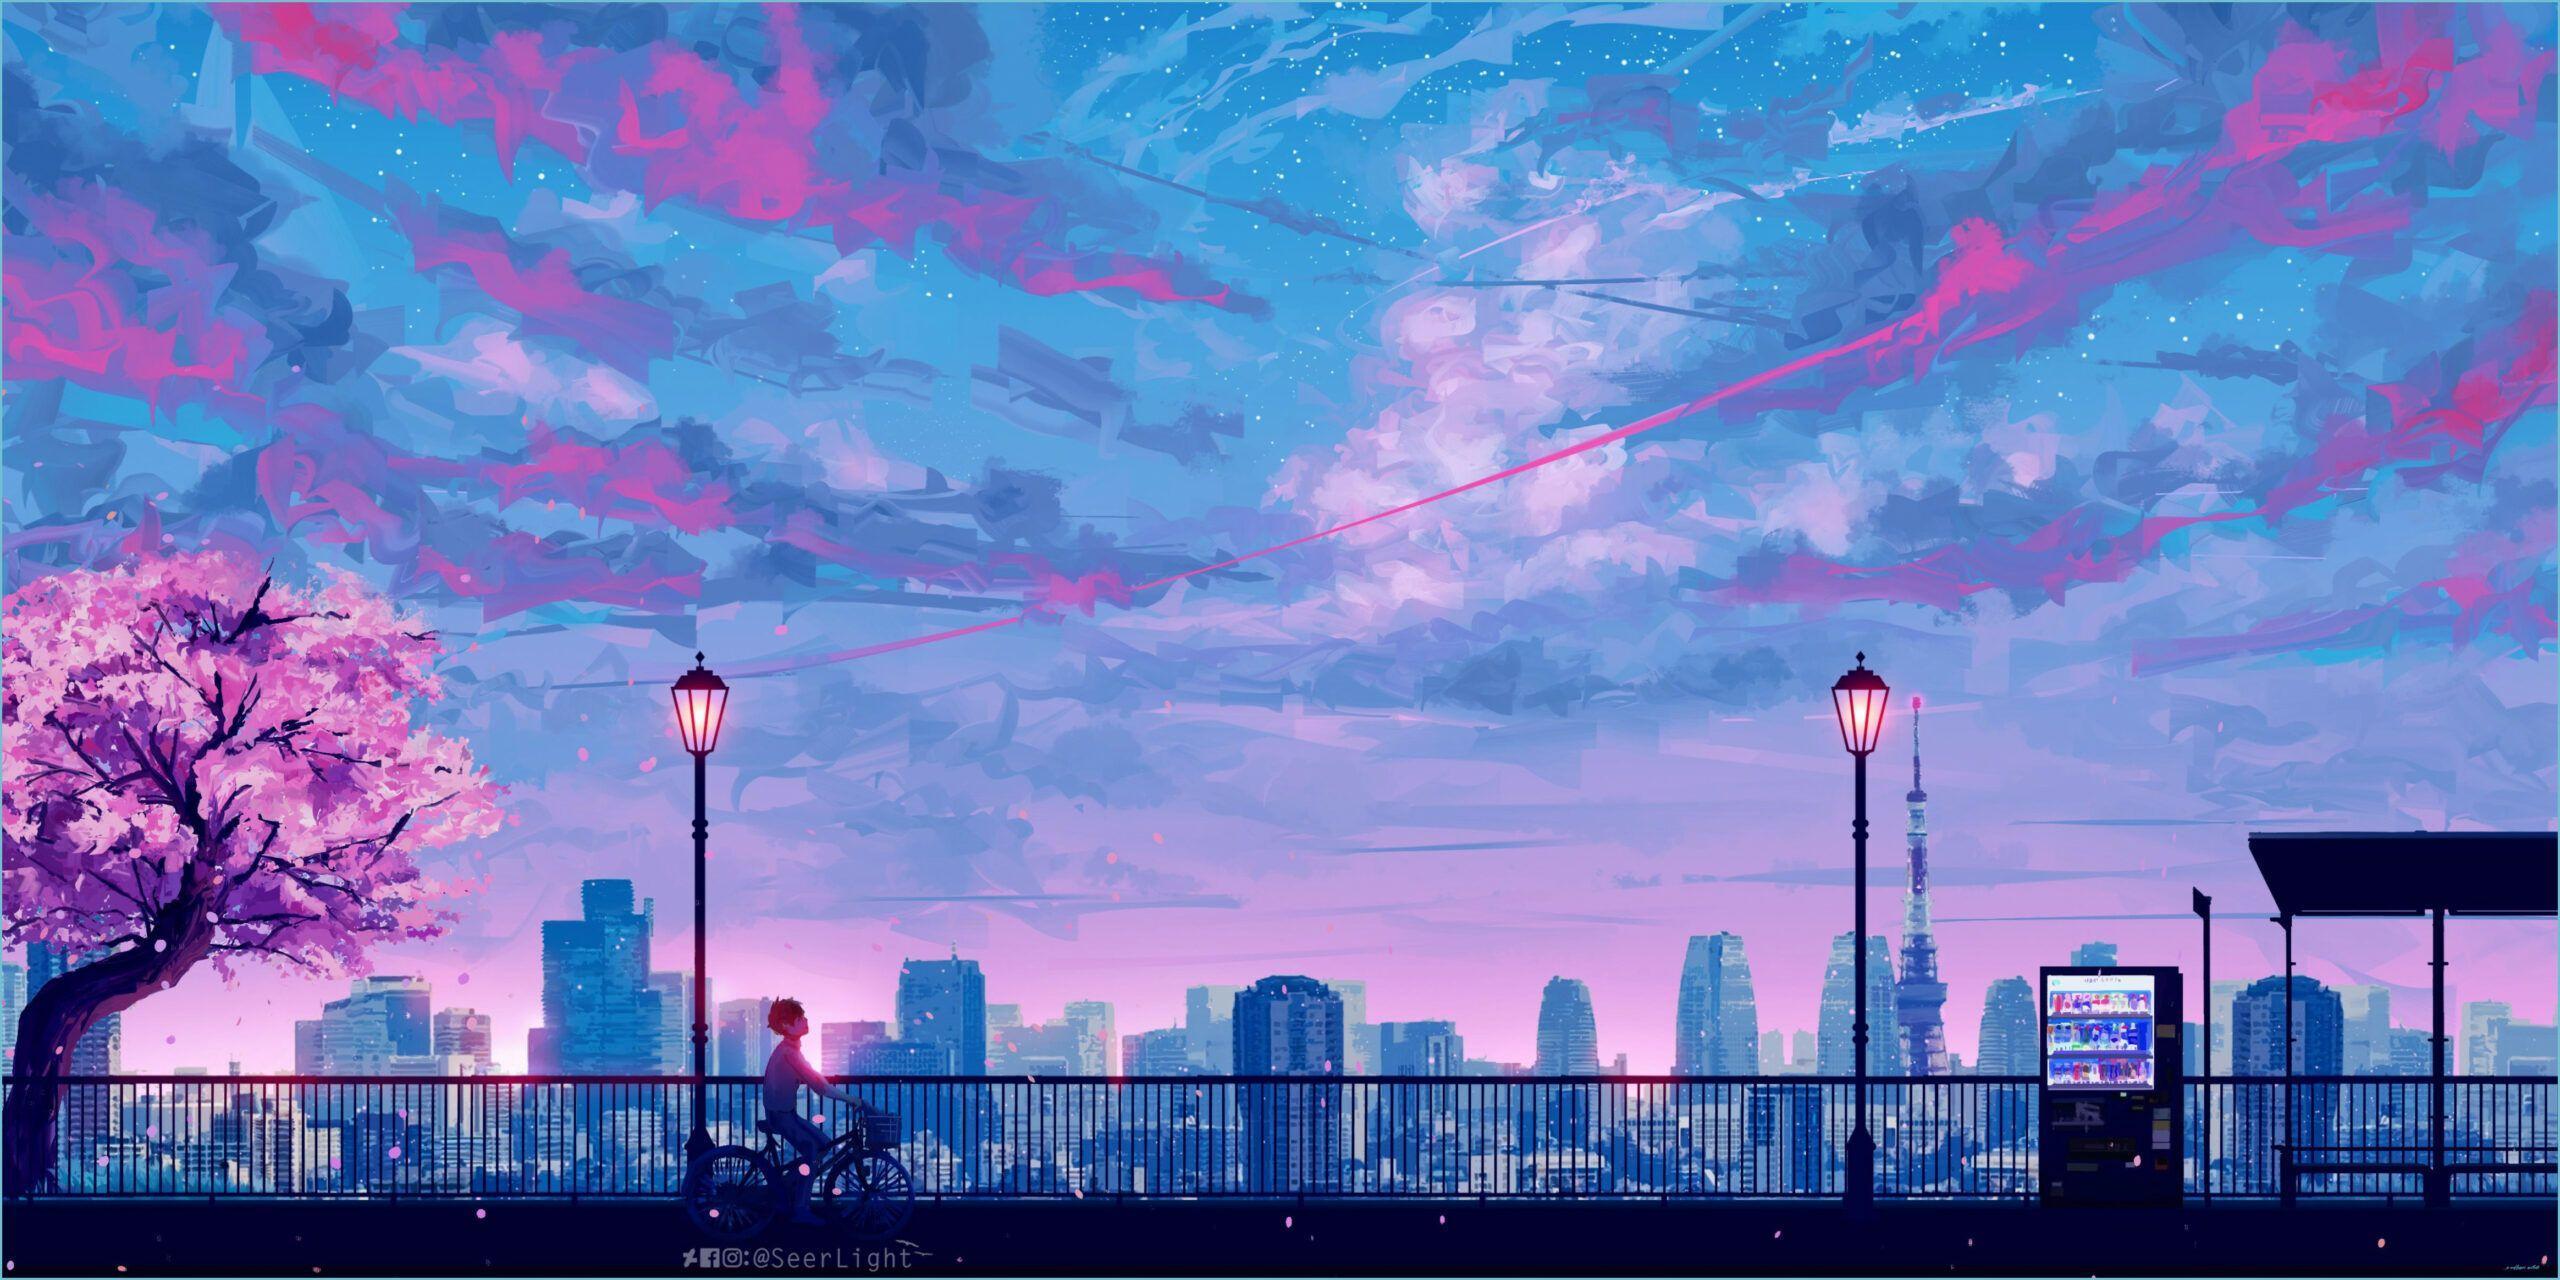 Hình nền máy tính xách tay Anime Aesthetic 12s 2560x1280 - Hình nền PC thẩm mỹ